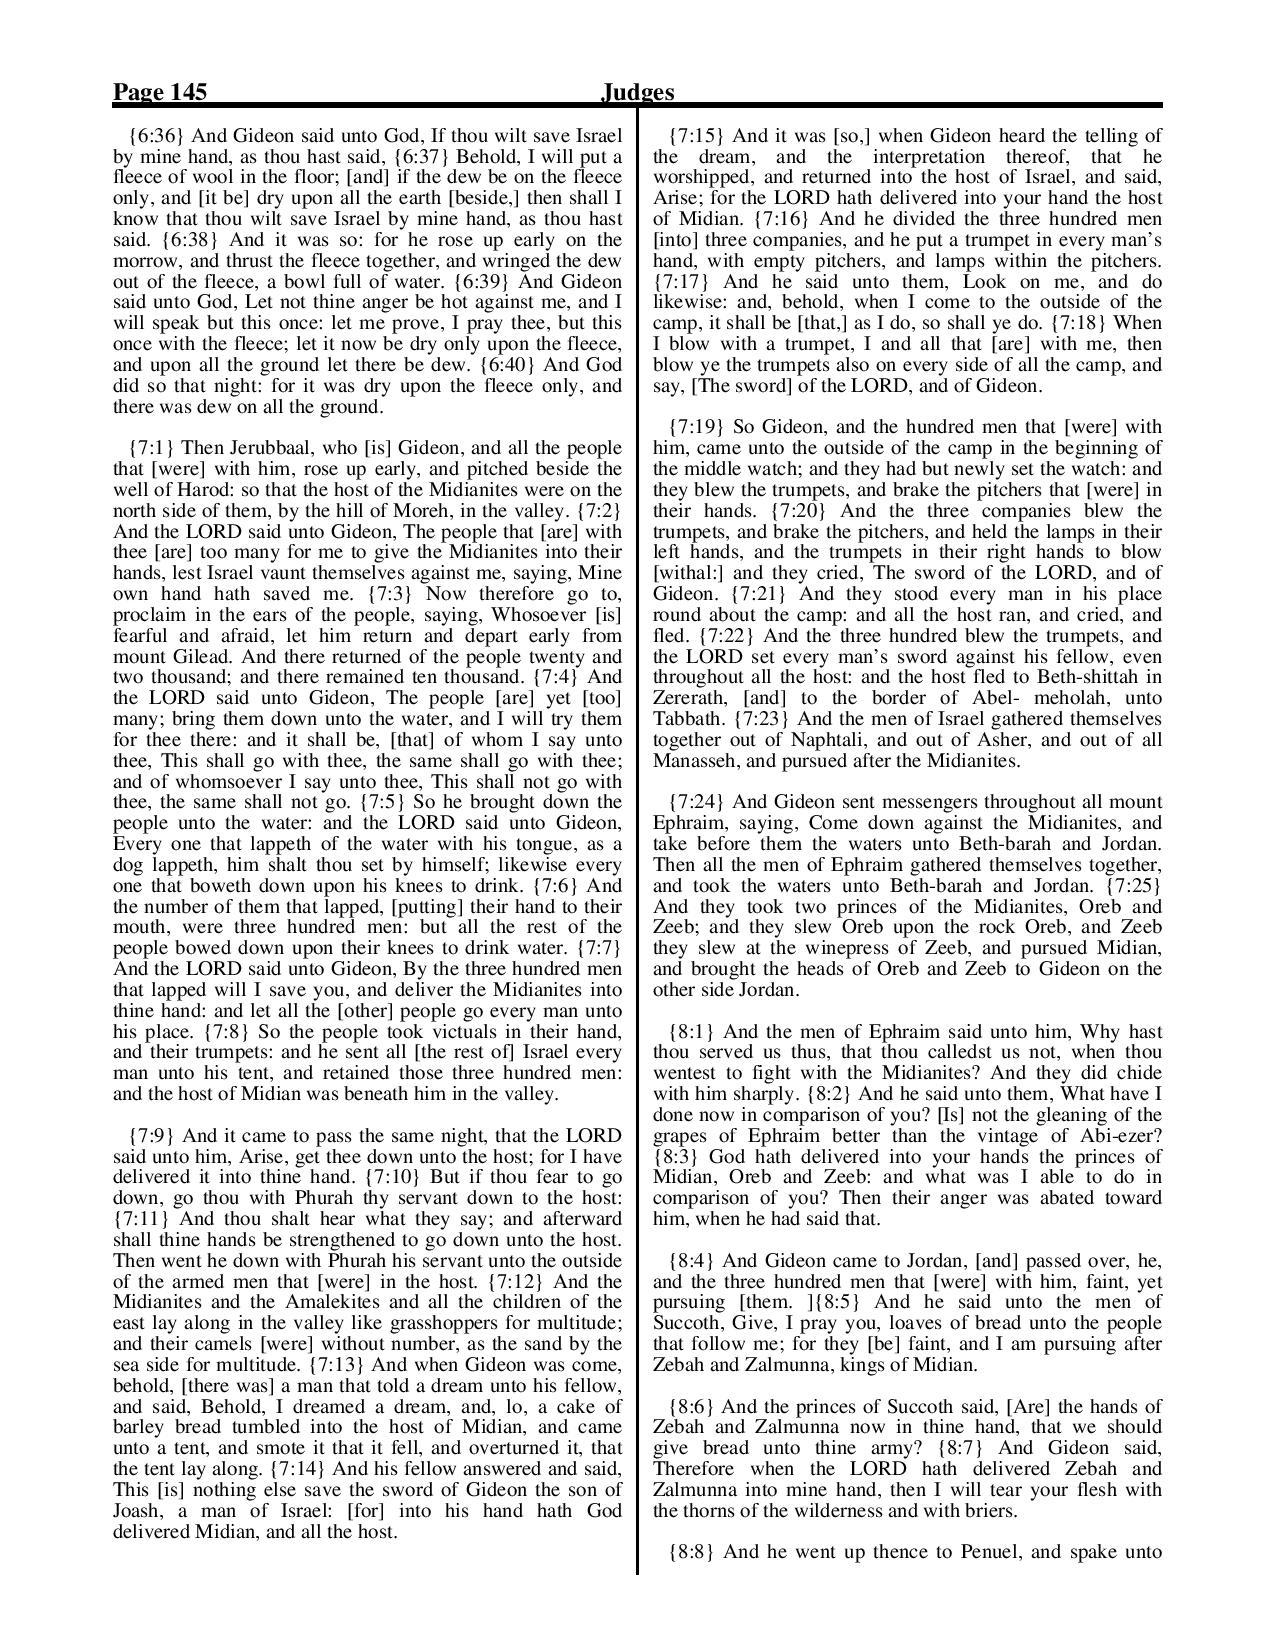 King-James-Bible-KJV-Bible-PDF-page-166